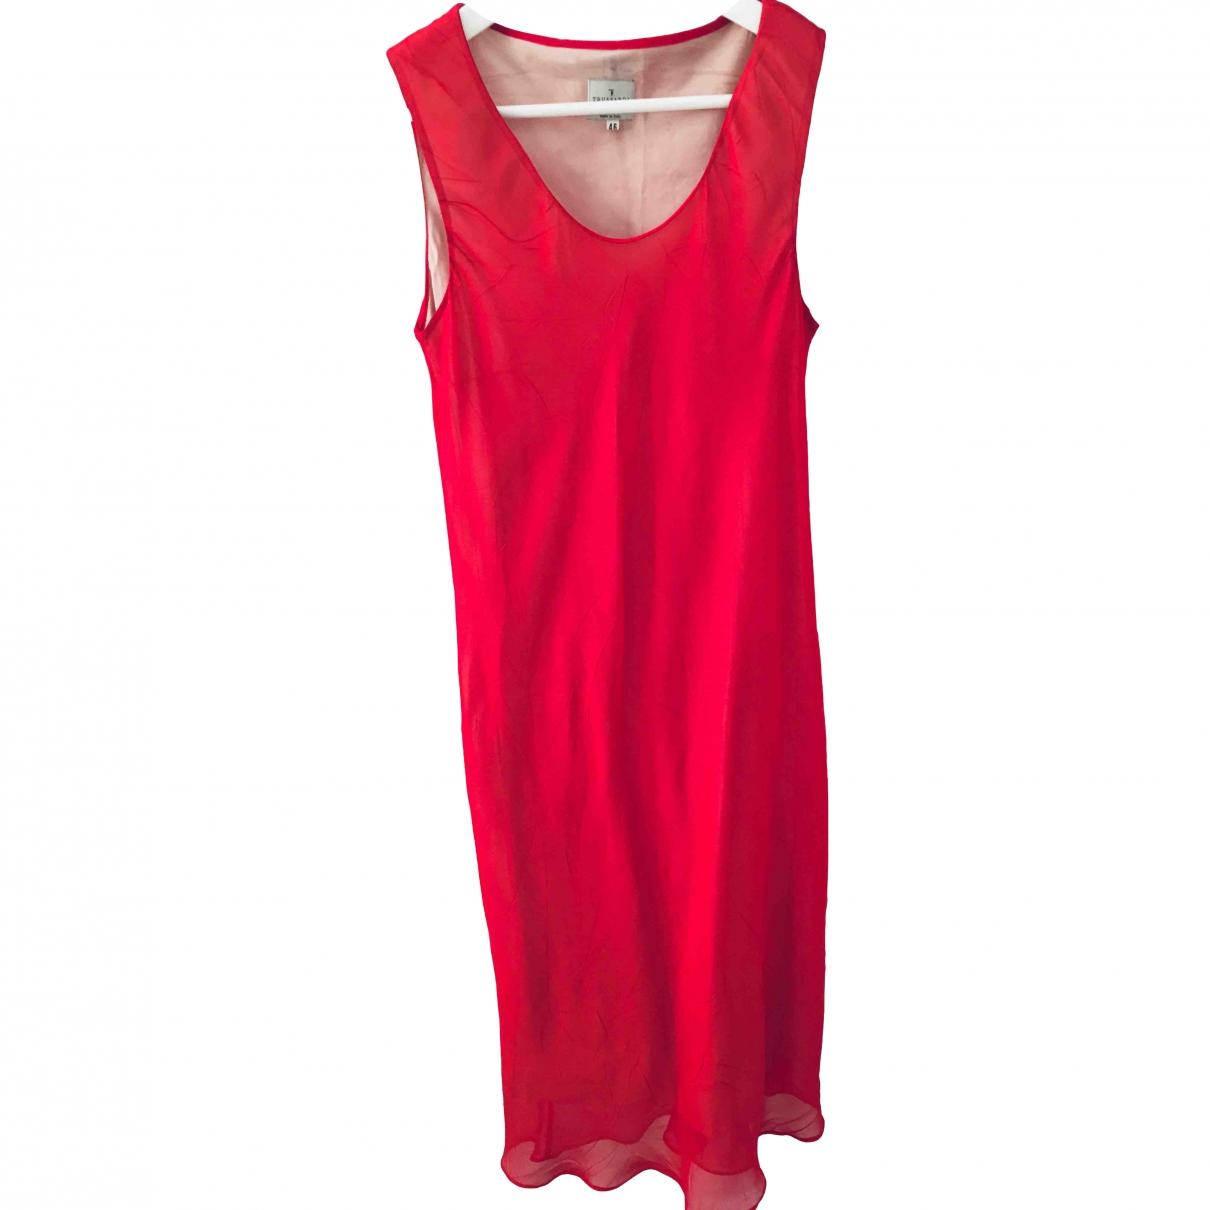 Trussardi \N Red dress for Women 46 IT